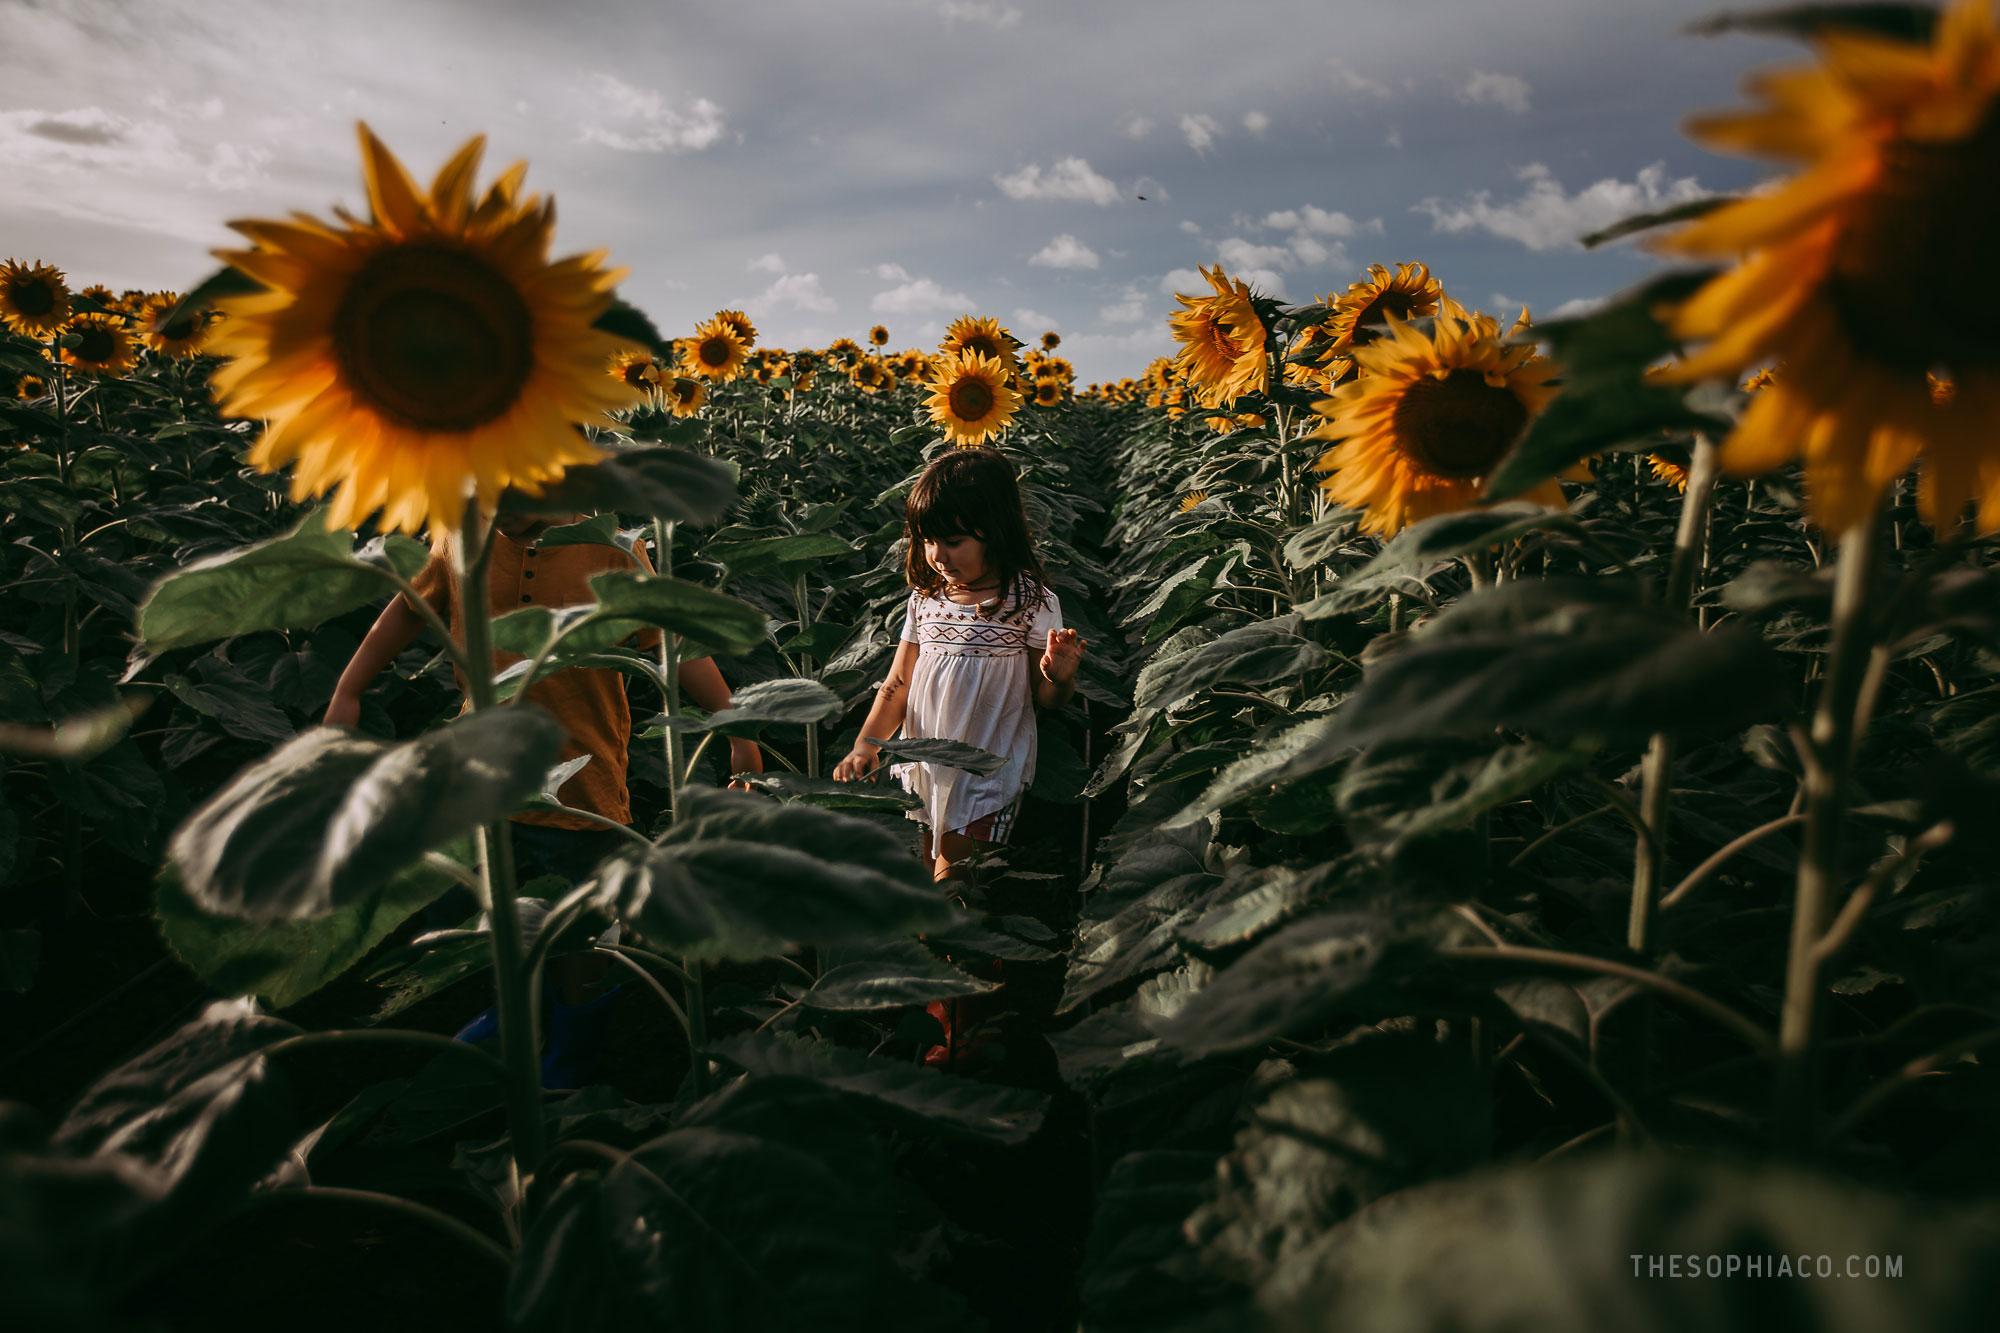 waialua-sunflowers-oahu-family-photography-13.jpg